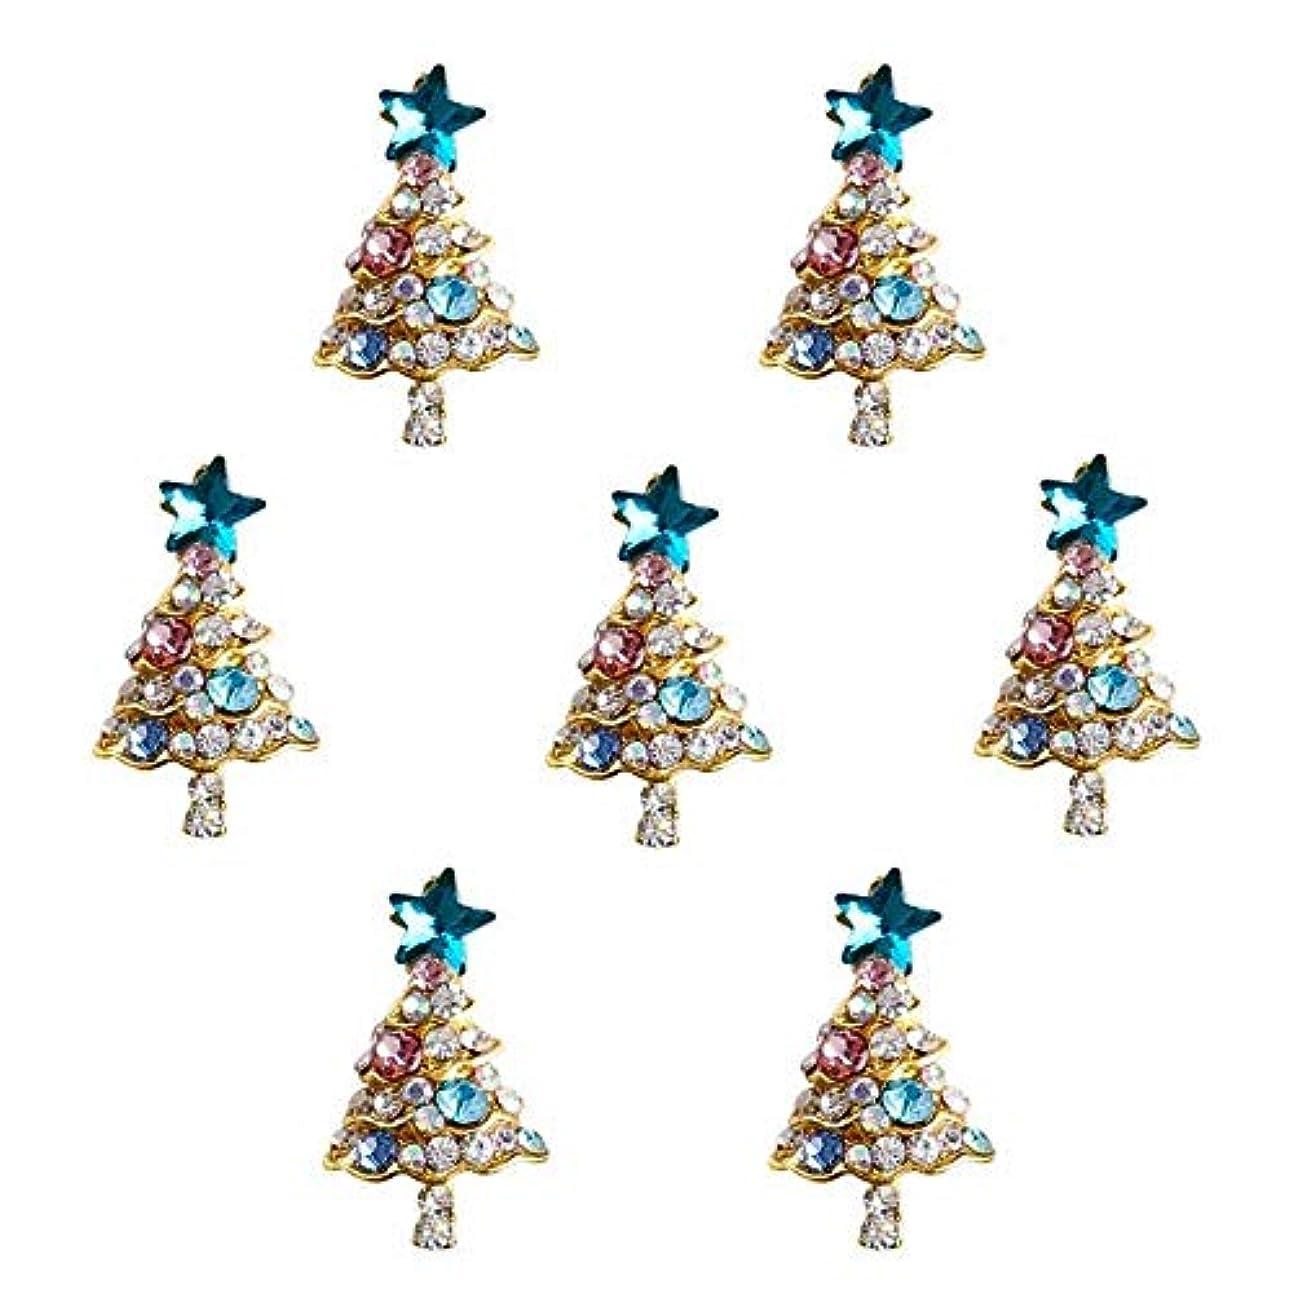 市の花させる粘性の10個入り/ロット3Dラインストーンの装飾ブルーグリッタースタークリスマスツリーのデザイン接着剤ネイルアートDIYスタッドは、合金用品